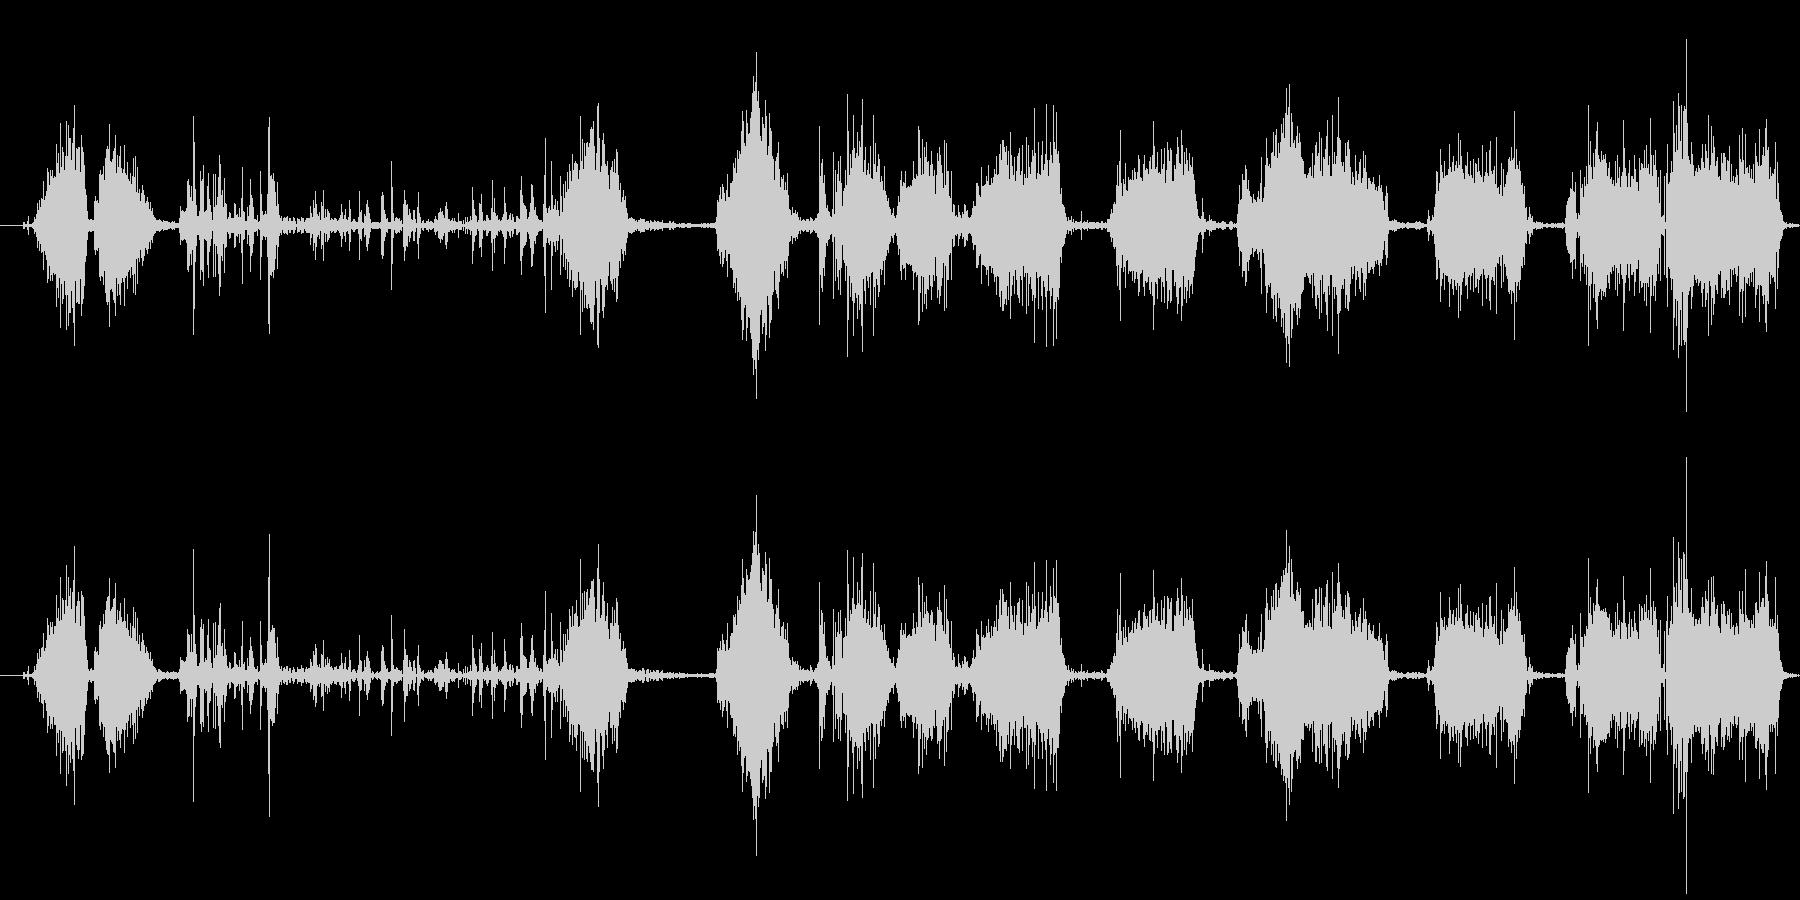 自動ウィンドウスクレーパー:ハード...の未再生の波形